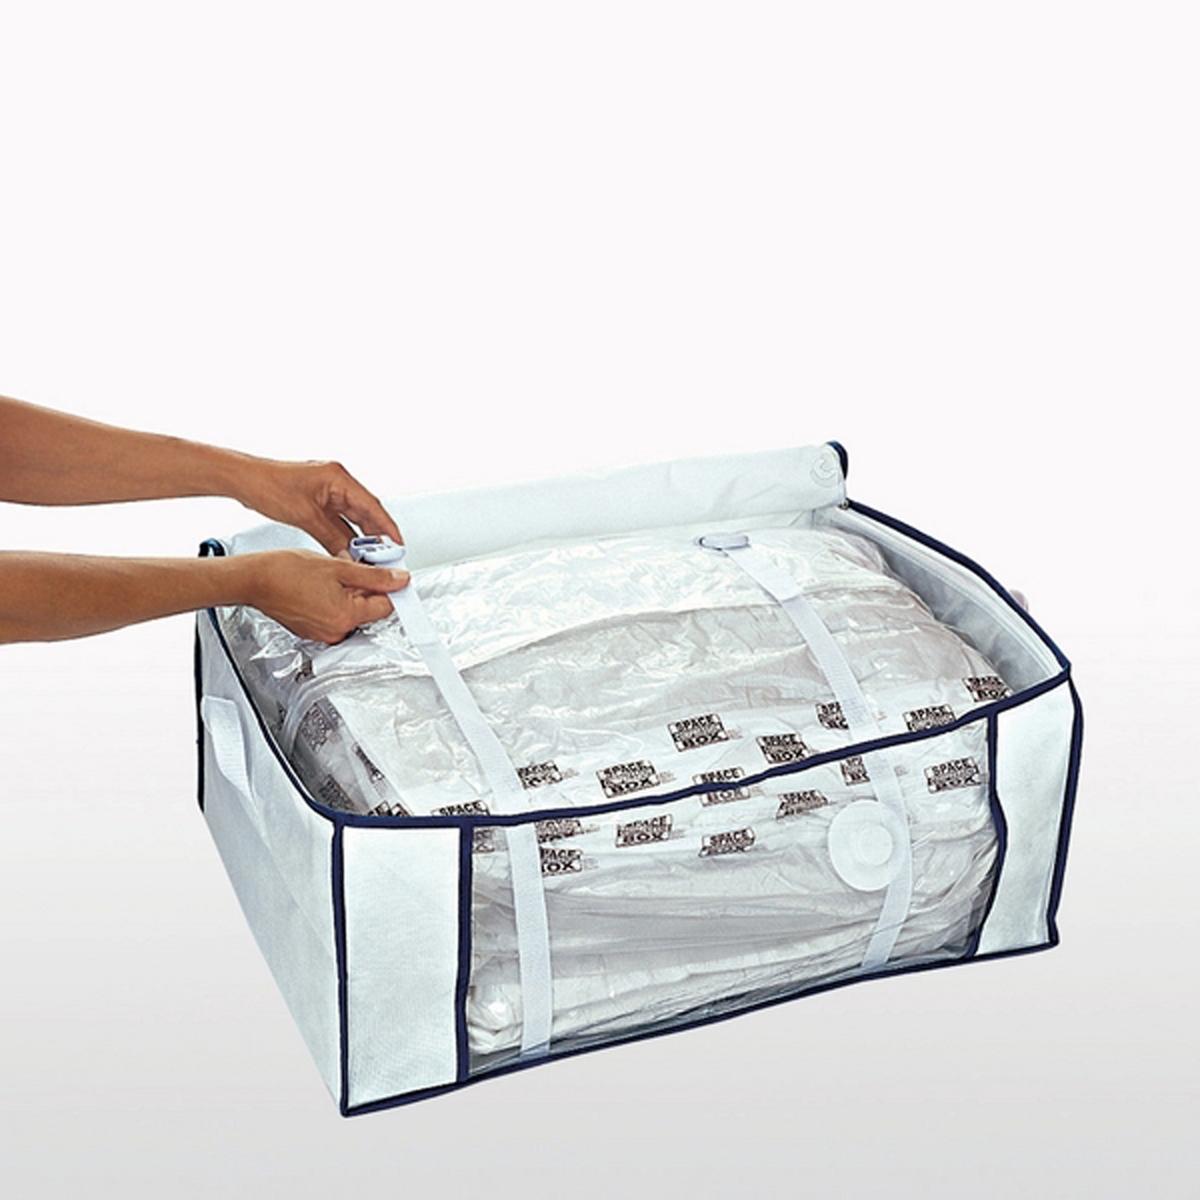 Чехол вакуумный, Ш.62,5 x В.14 x Г.50 смЭкономия места до 75%! Идеально подходит для поездок, так как позволяет значительно экономить место в багаже.Описание вакуумного чехла :Пакет с защитным чехлом внутри просто необходим для организации хранения Ваших вещей, одеял, покрывал и подушек.Всасывание воздуха пылесосом.2 стягивающих ремня для удержания вещей в сжатом состоянии.Характеристики вакуумного чехла :Нетканый материалВнутренний пакет из прозрачного пластикаЗастежка на молнию.Размеры чехла :Ш.62,5 x В.14 x Г.50 см, размеры внутреннего пакета : Ш.89 x В.70 x Г.48 см.<br><br>Цвет: белый<br>Размер: единый размер